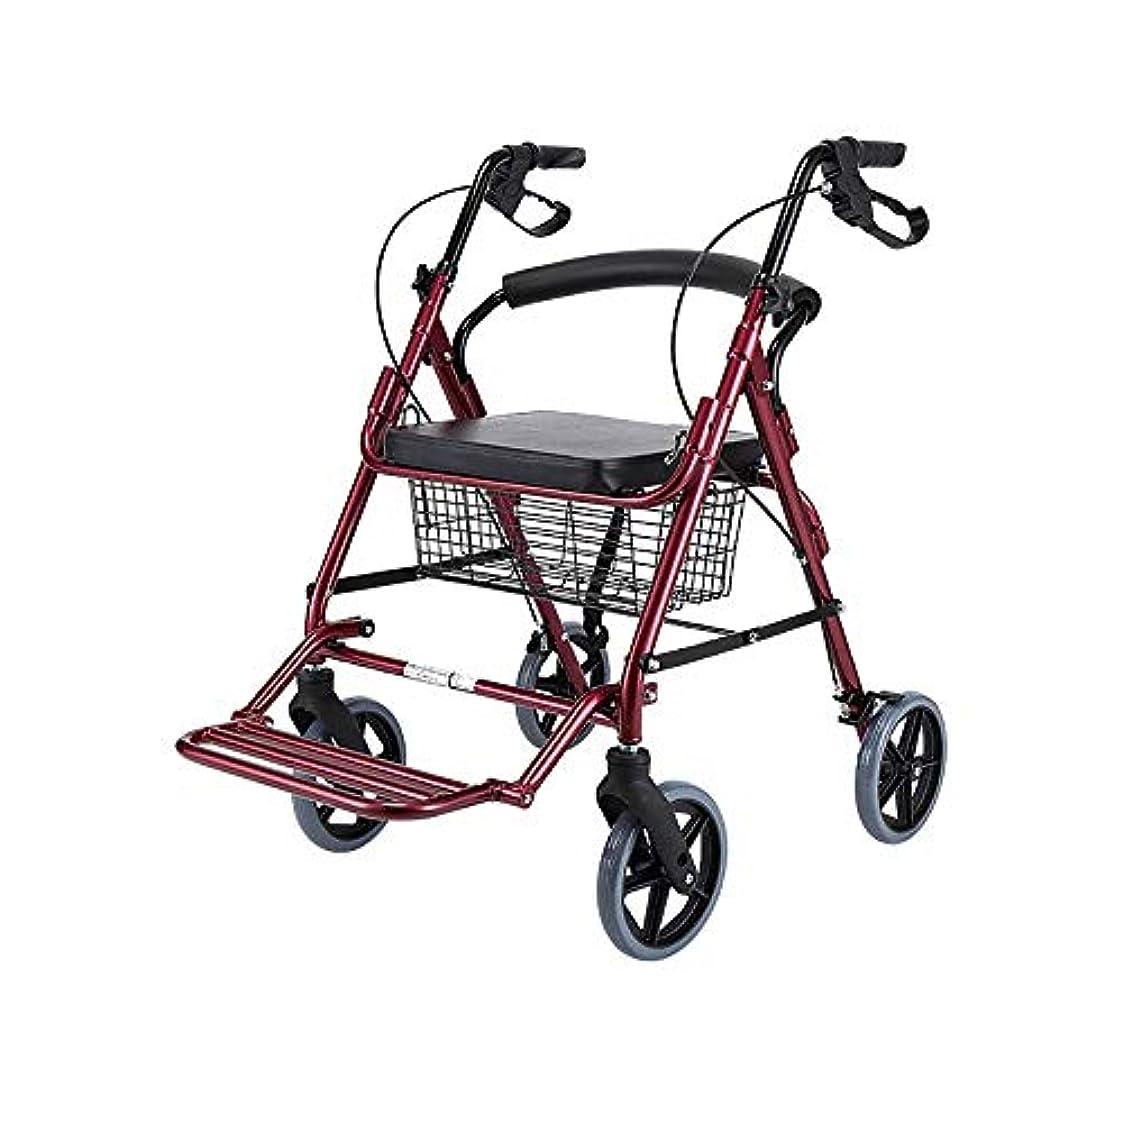 休眠採用かもしれない高齢者ウォーカー、折りたたみ式ポータブル歩行器補助ウォーカー四輪ショッピングカートハンドブレーキ付きヘビーデューティウォーカー